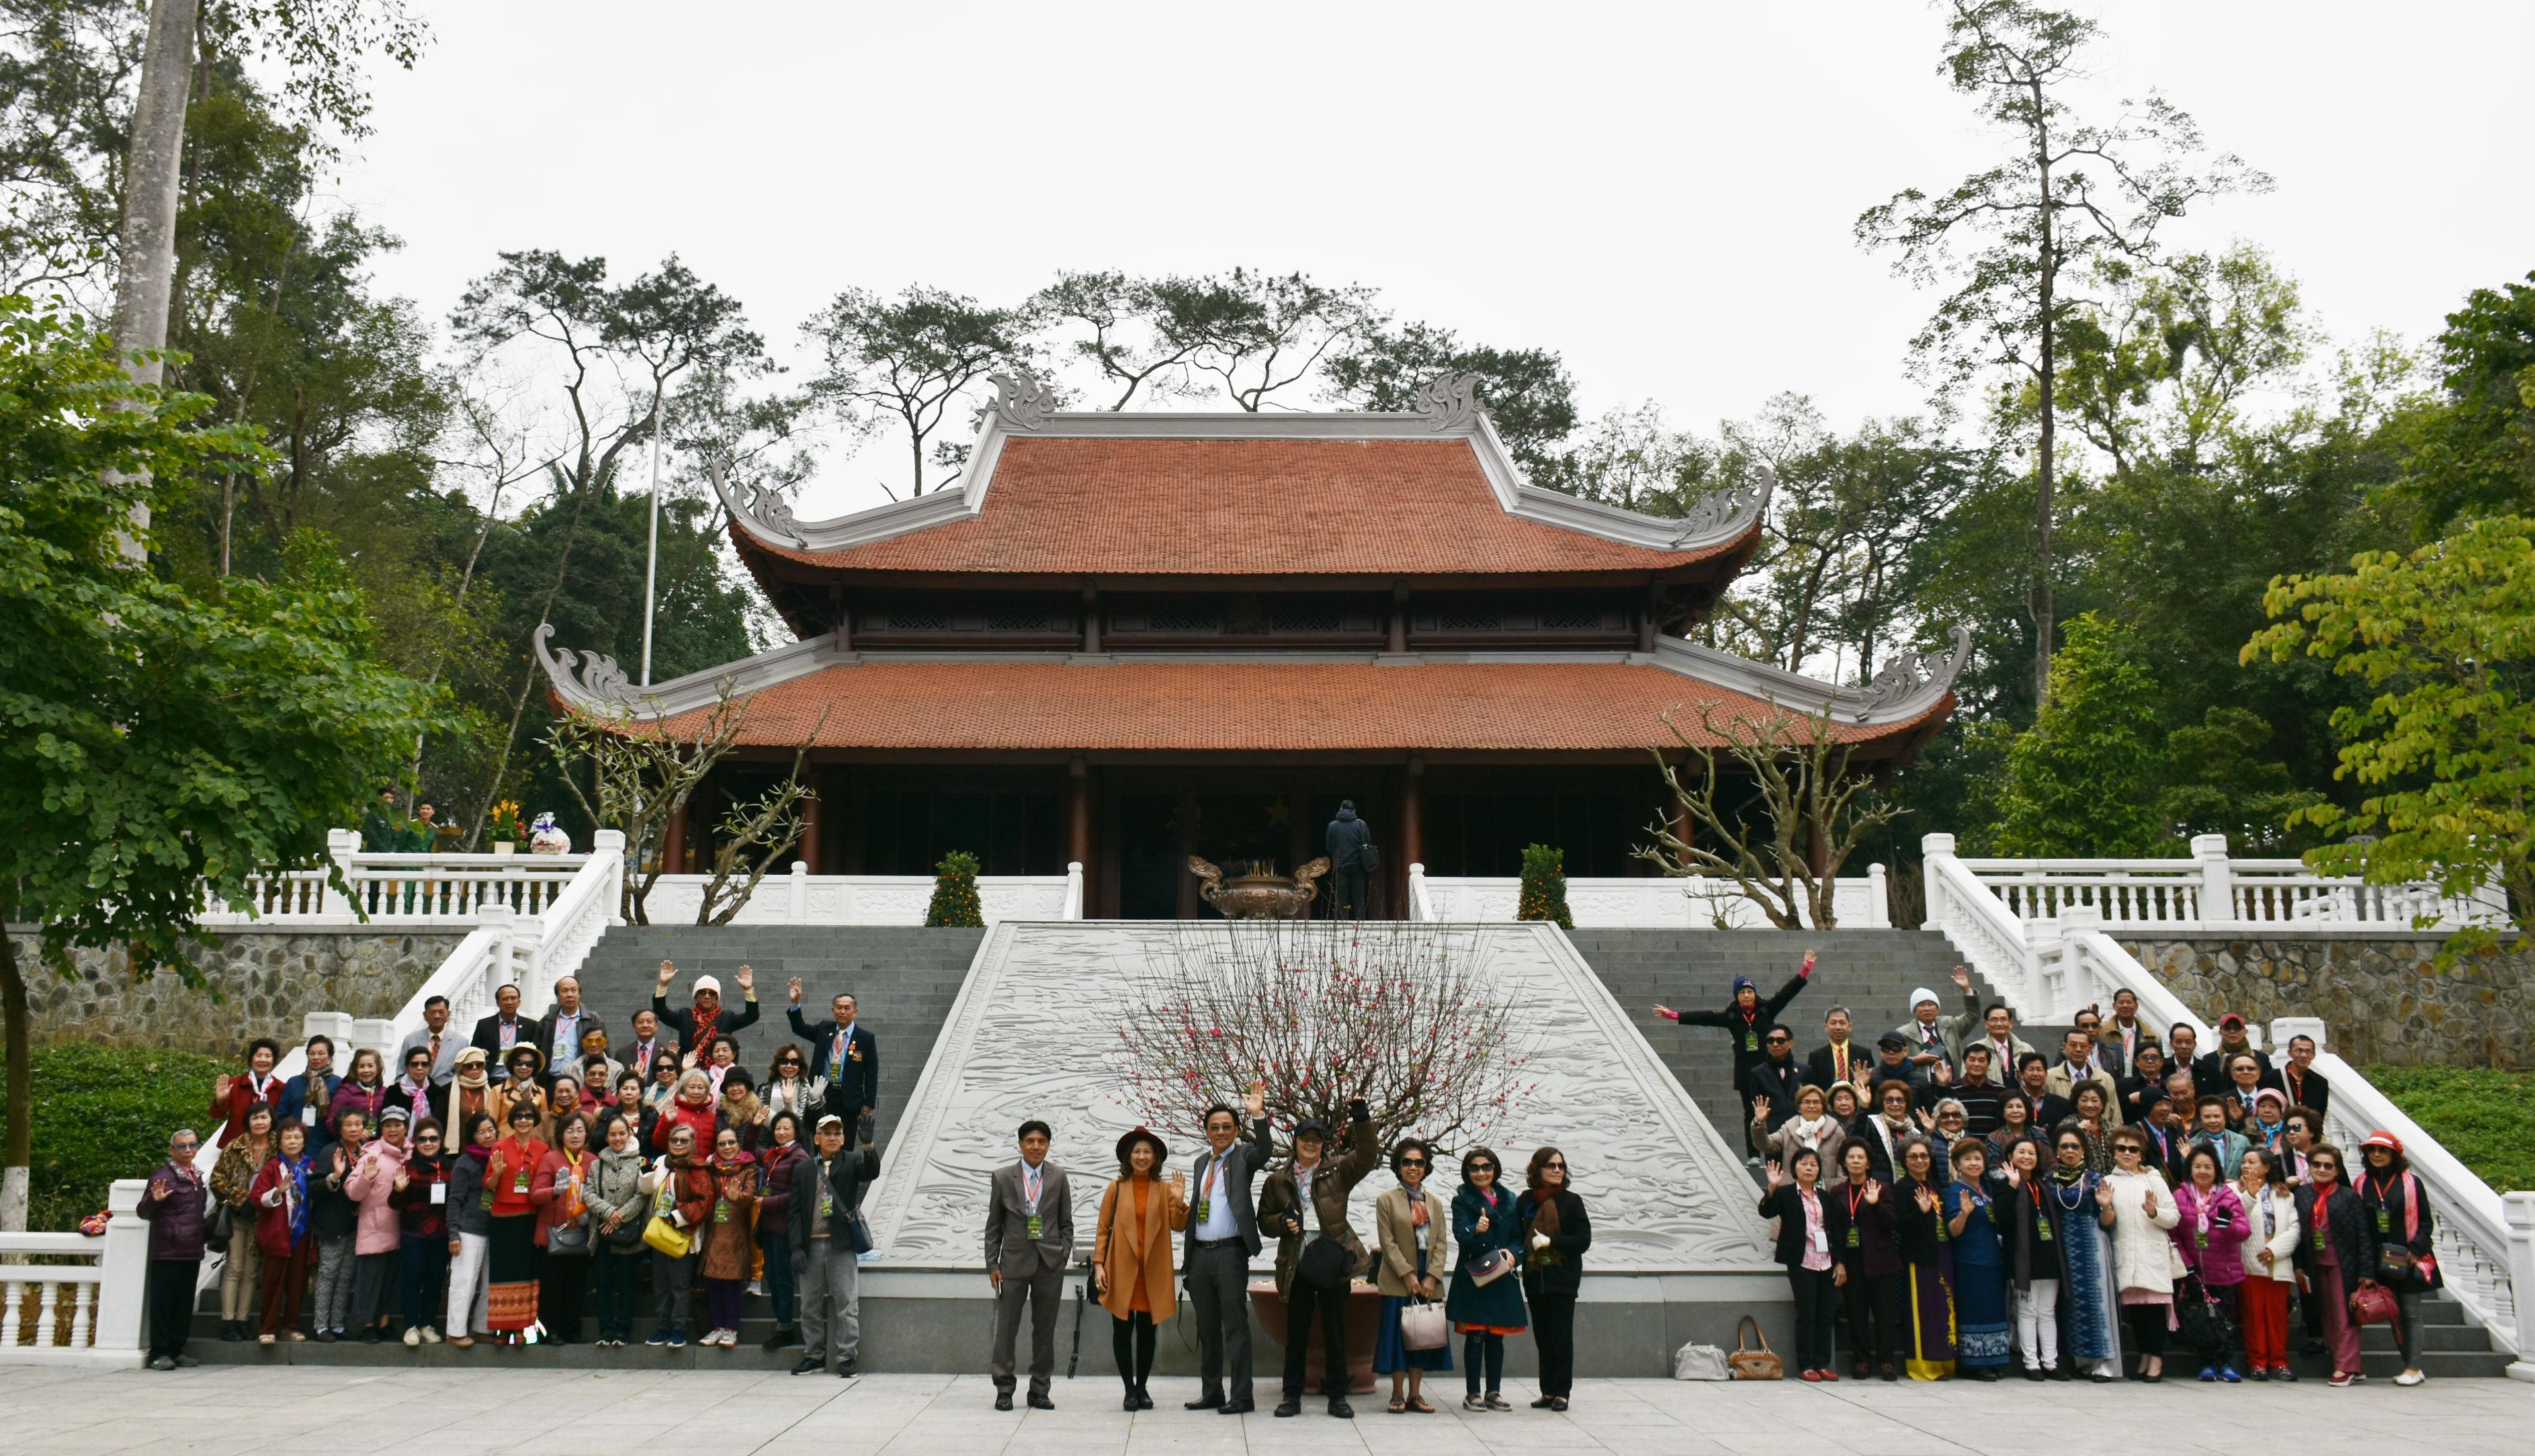 Đoàn cựu giáo viên kiều bào tại Thái Lan thăm khu di tích Đá Chông